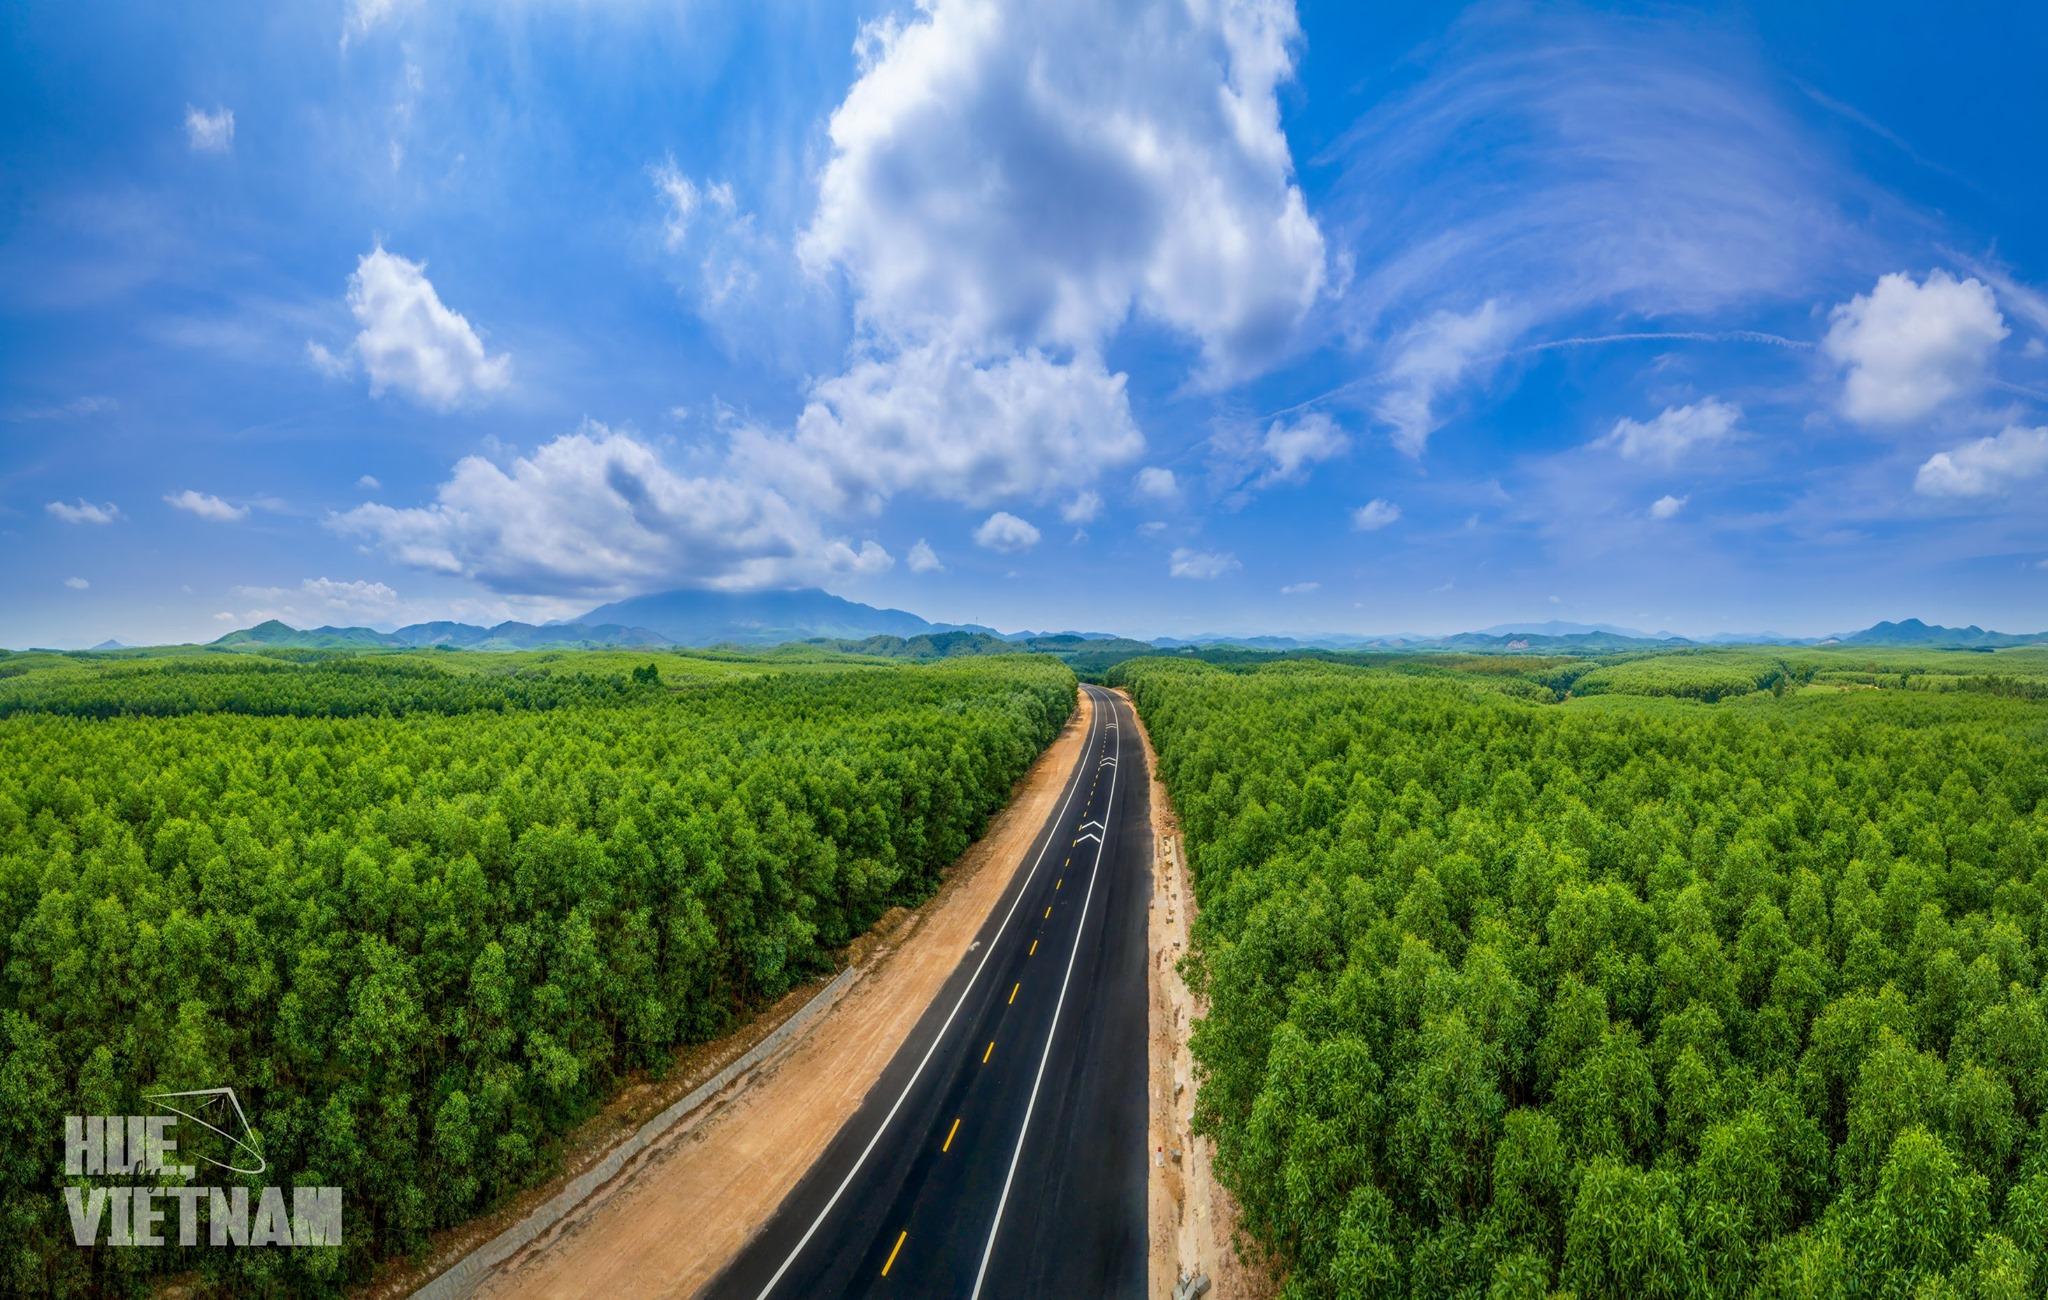 Cung đường đến A Lưới. Hình: Hue, truly Vietnam